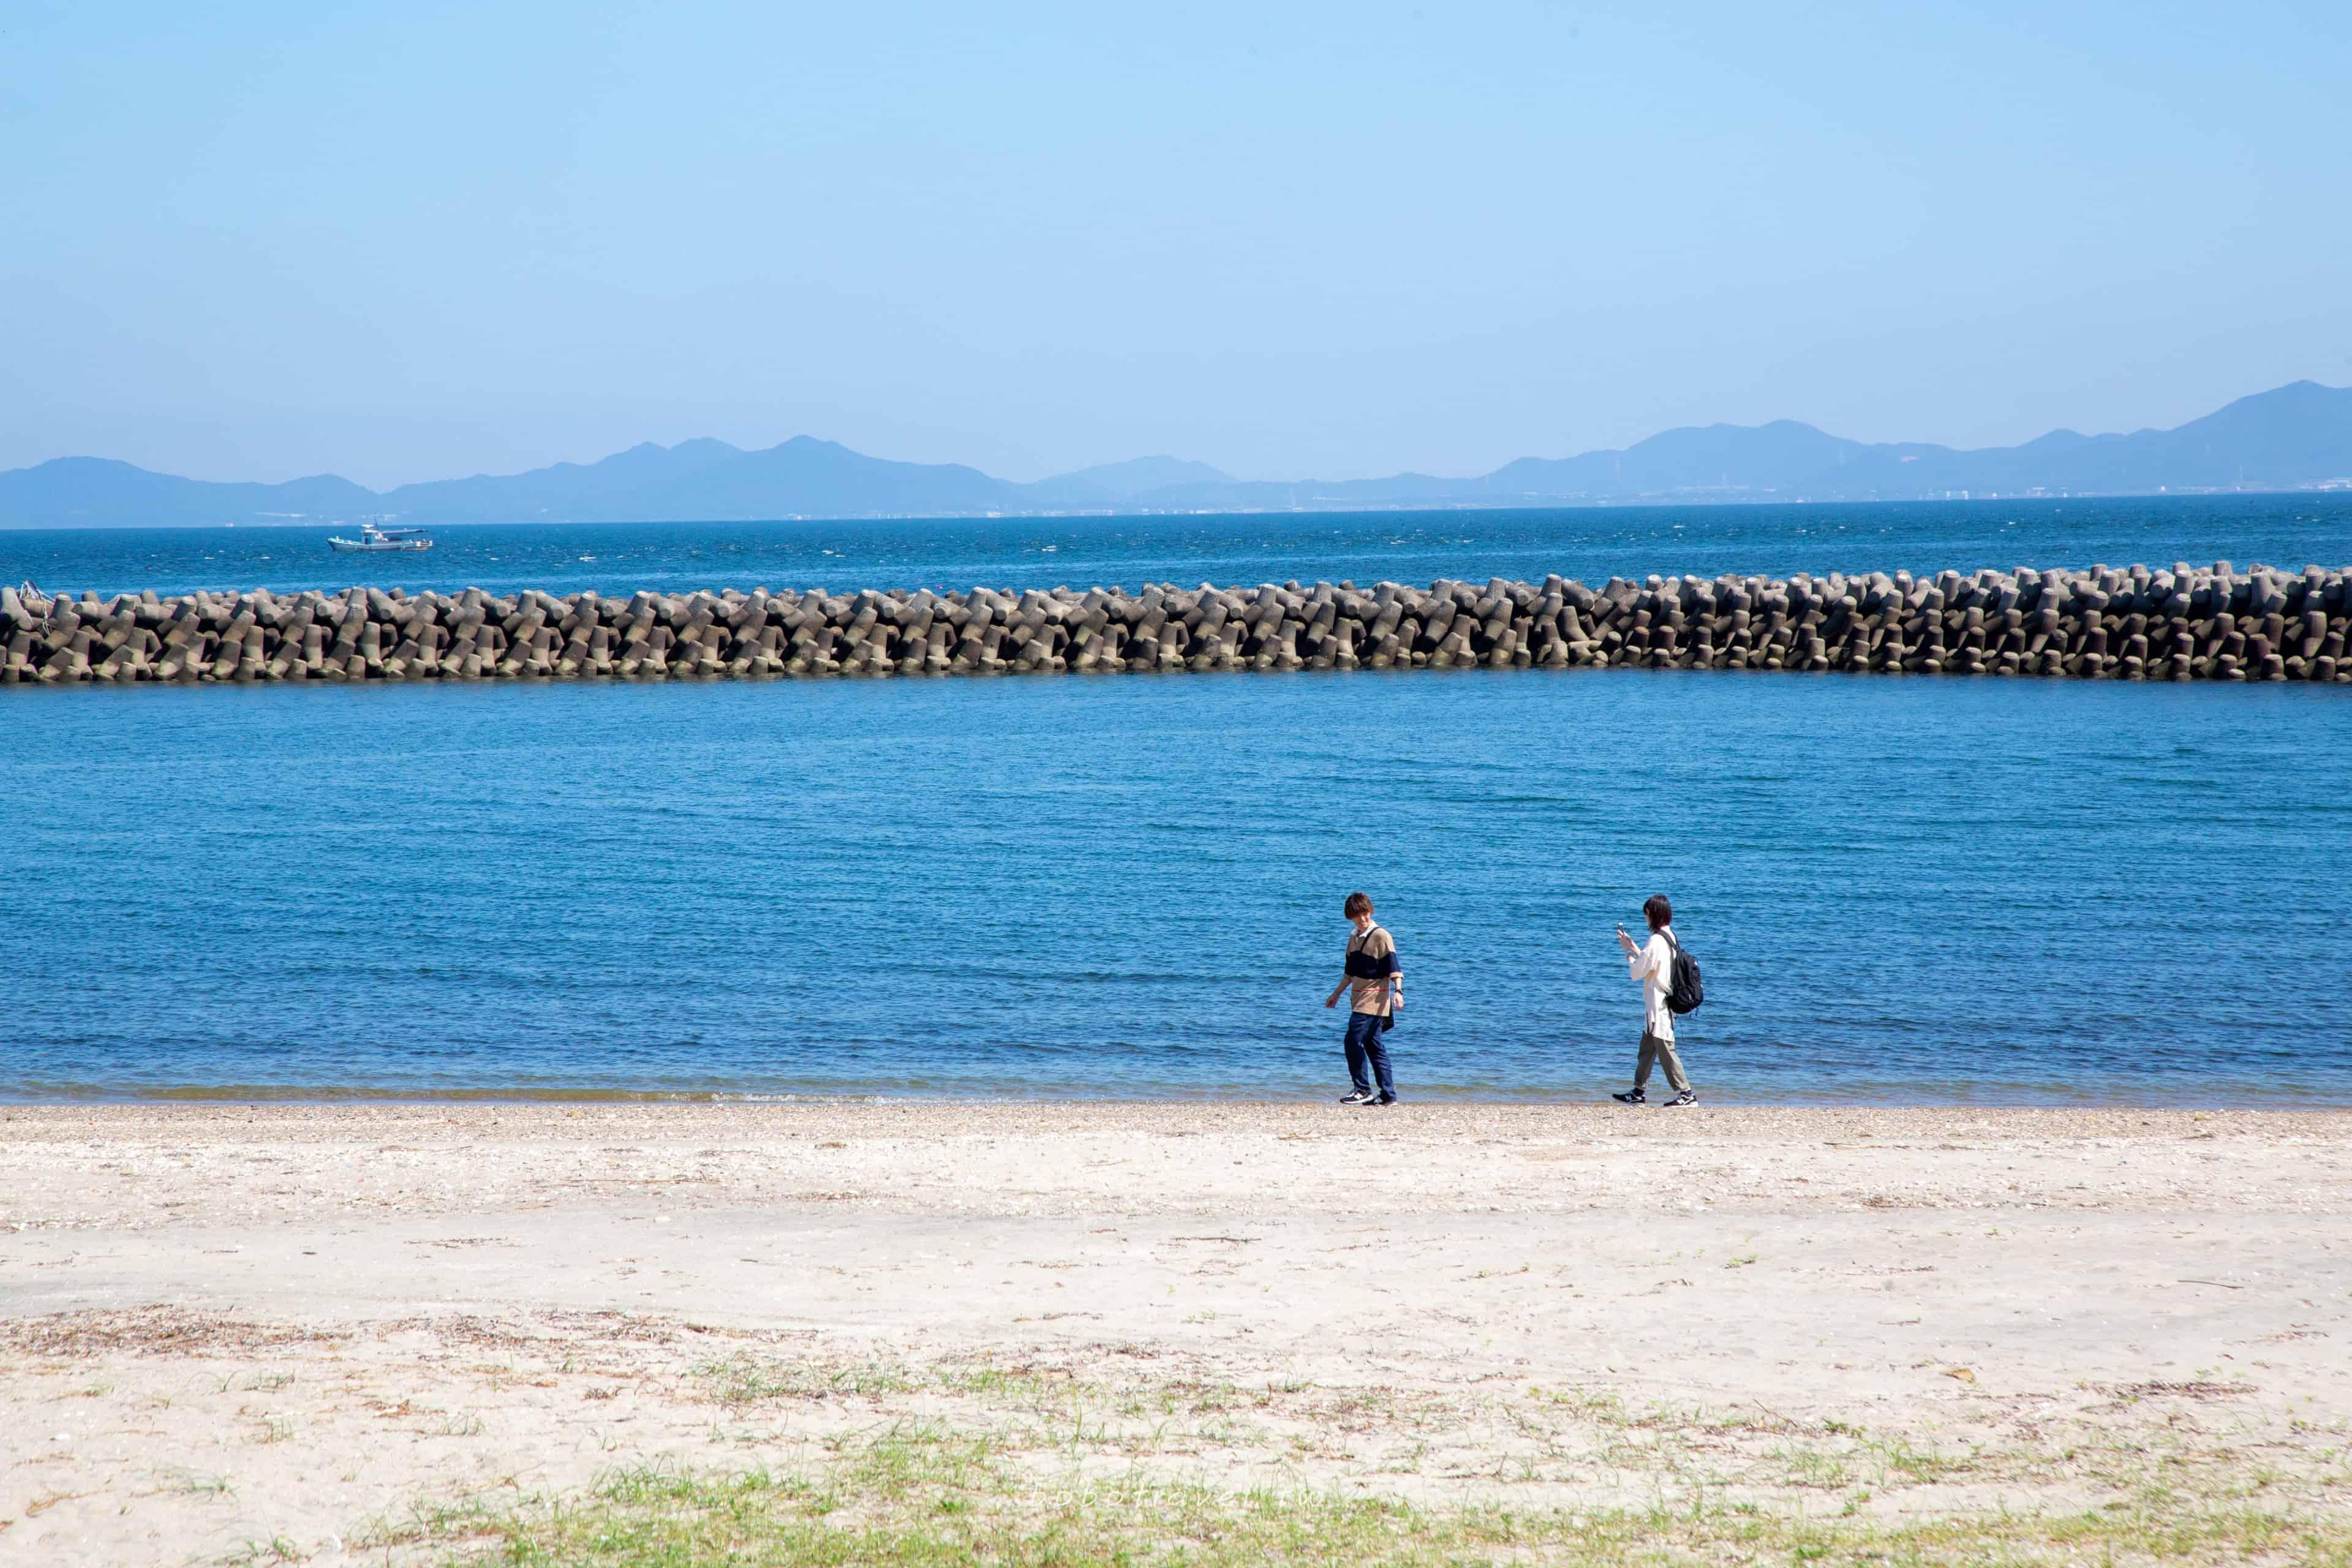 愛知縣、日間賀島一日旅行提案|騎單車、嗑海鮮。盪著直奔大海的鞦韆,一起漫步療癒小島